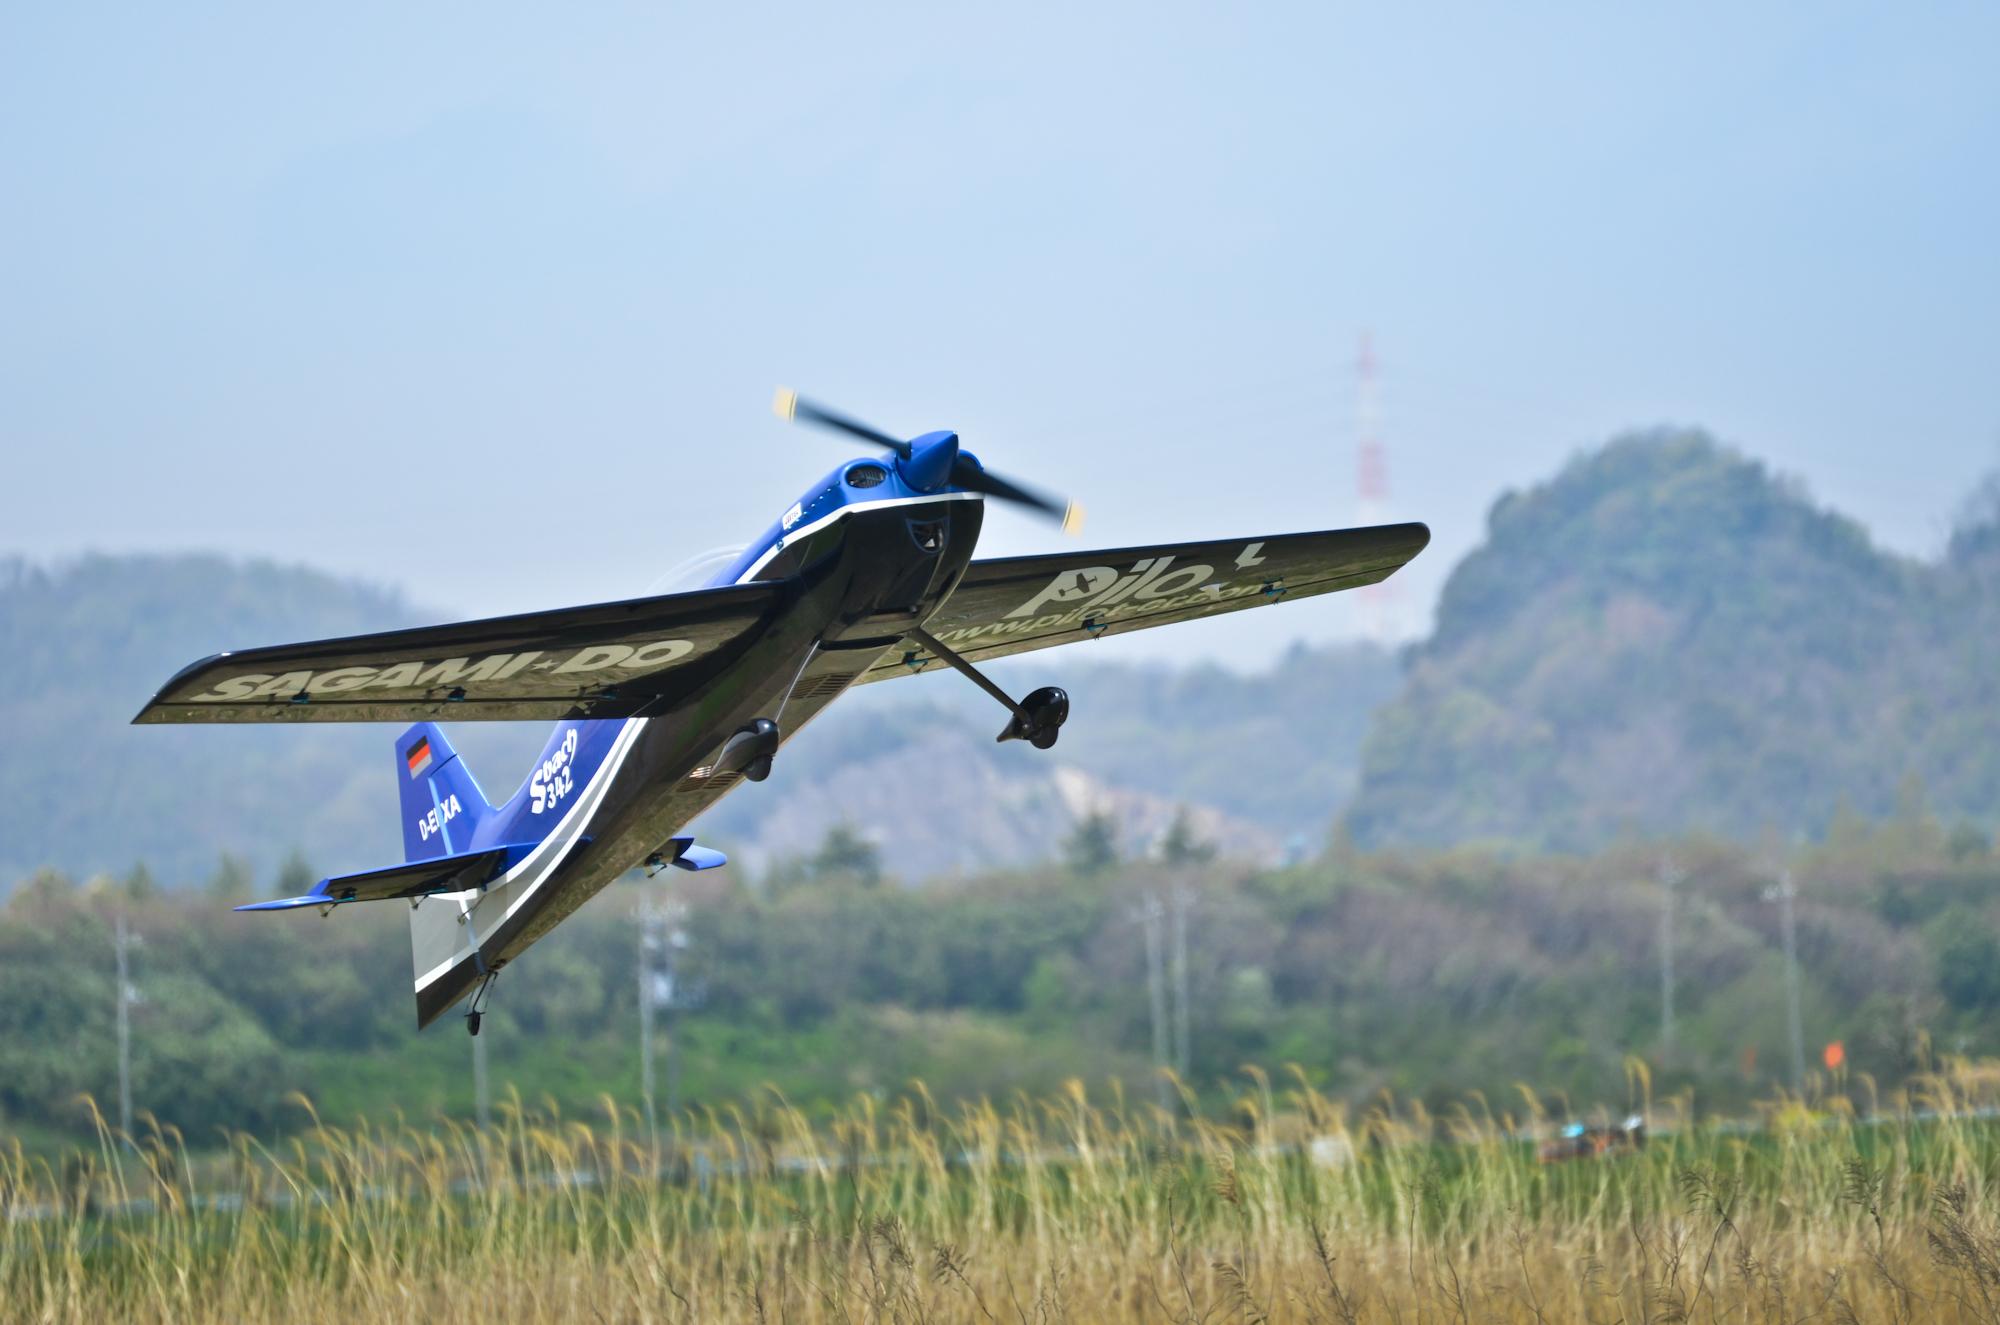 ラジコン飛行機 着陸